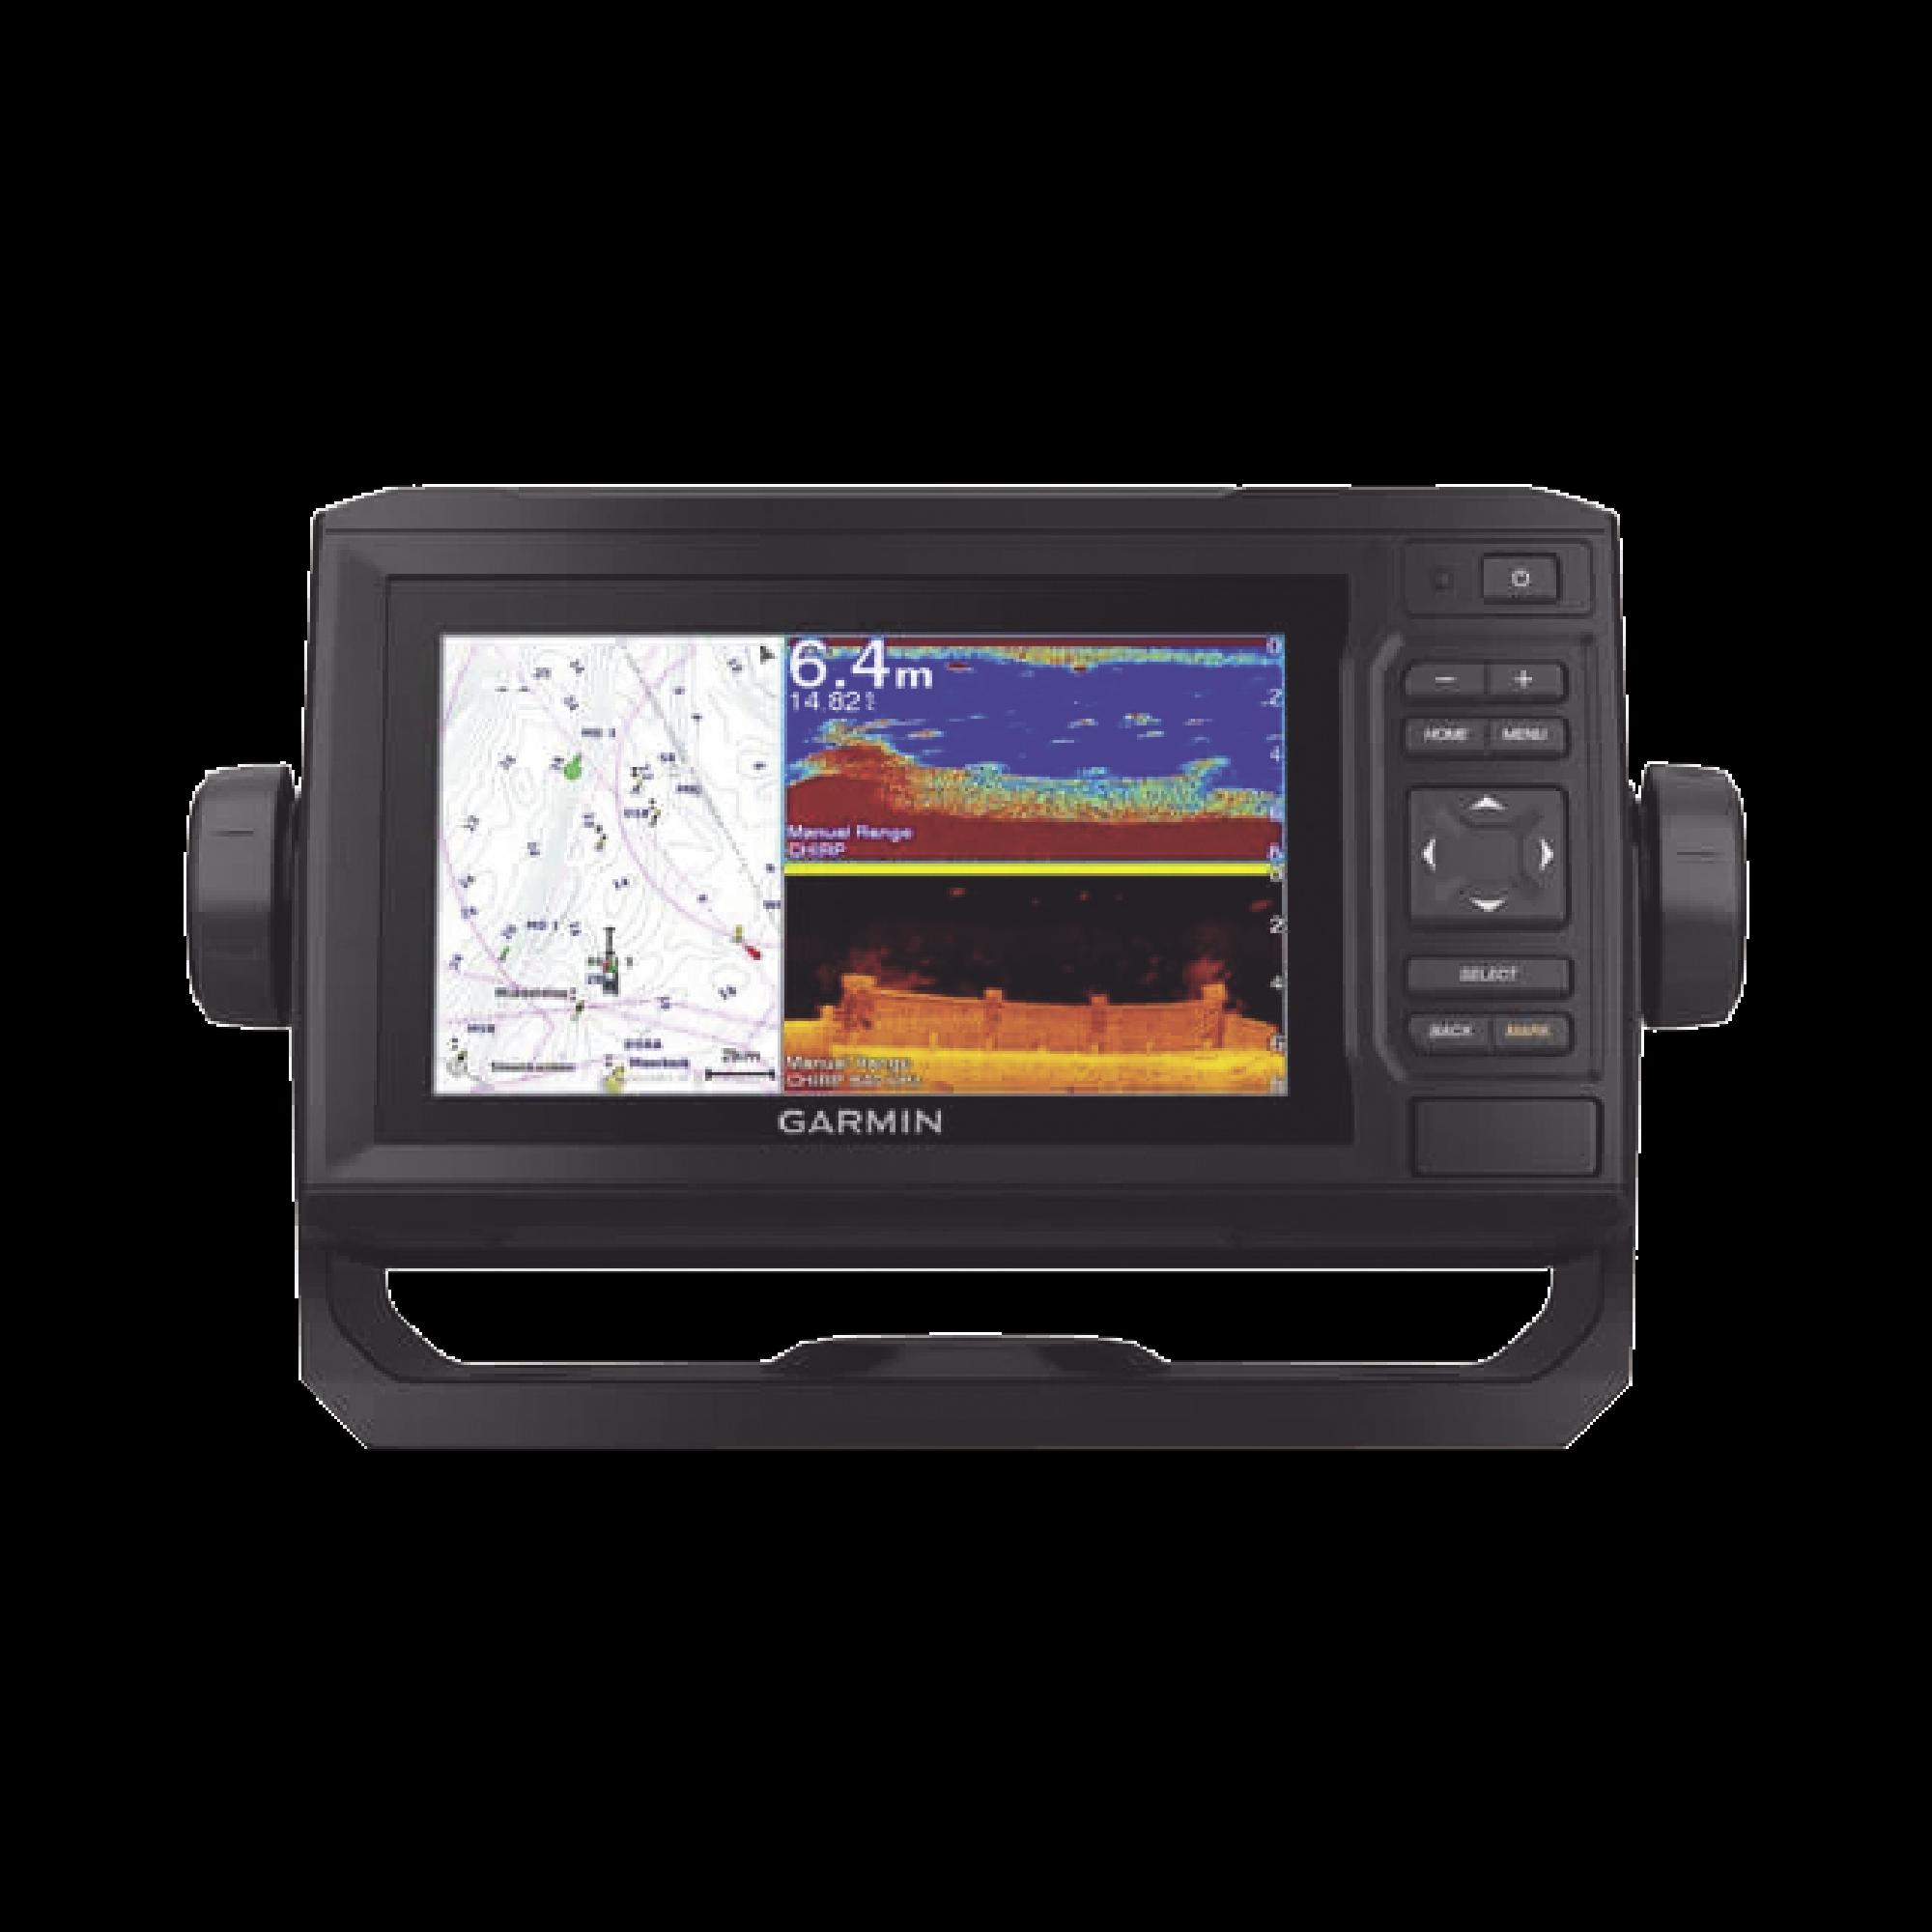 EchoMAP UHD 62cv, ecosonda de navegación, con mapa base precargado, sonda CLEARV? Y CHIRP tradicional. no incluye transductor